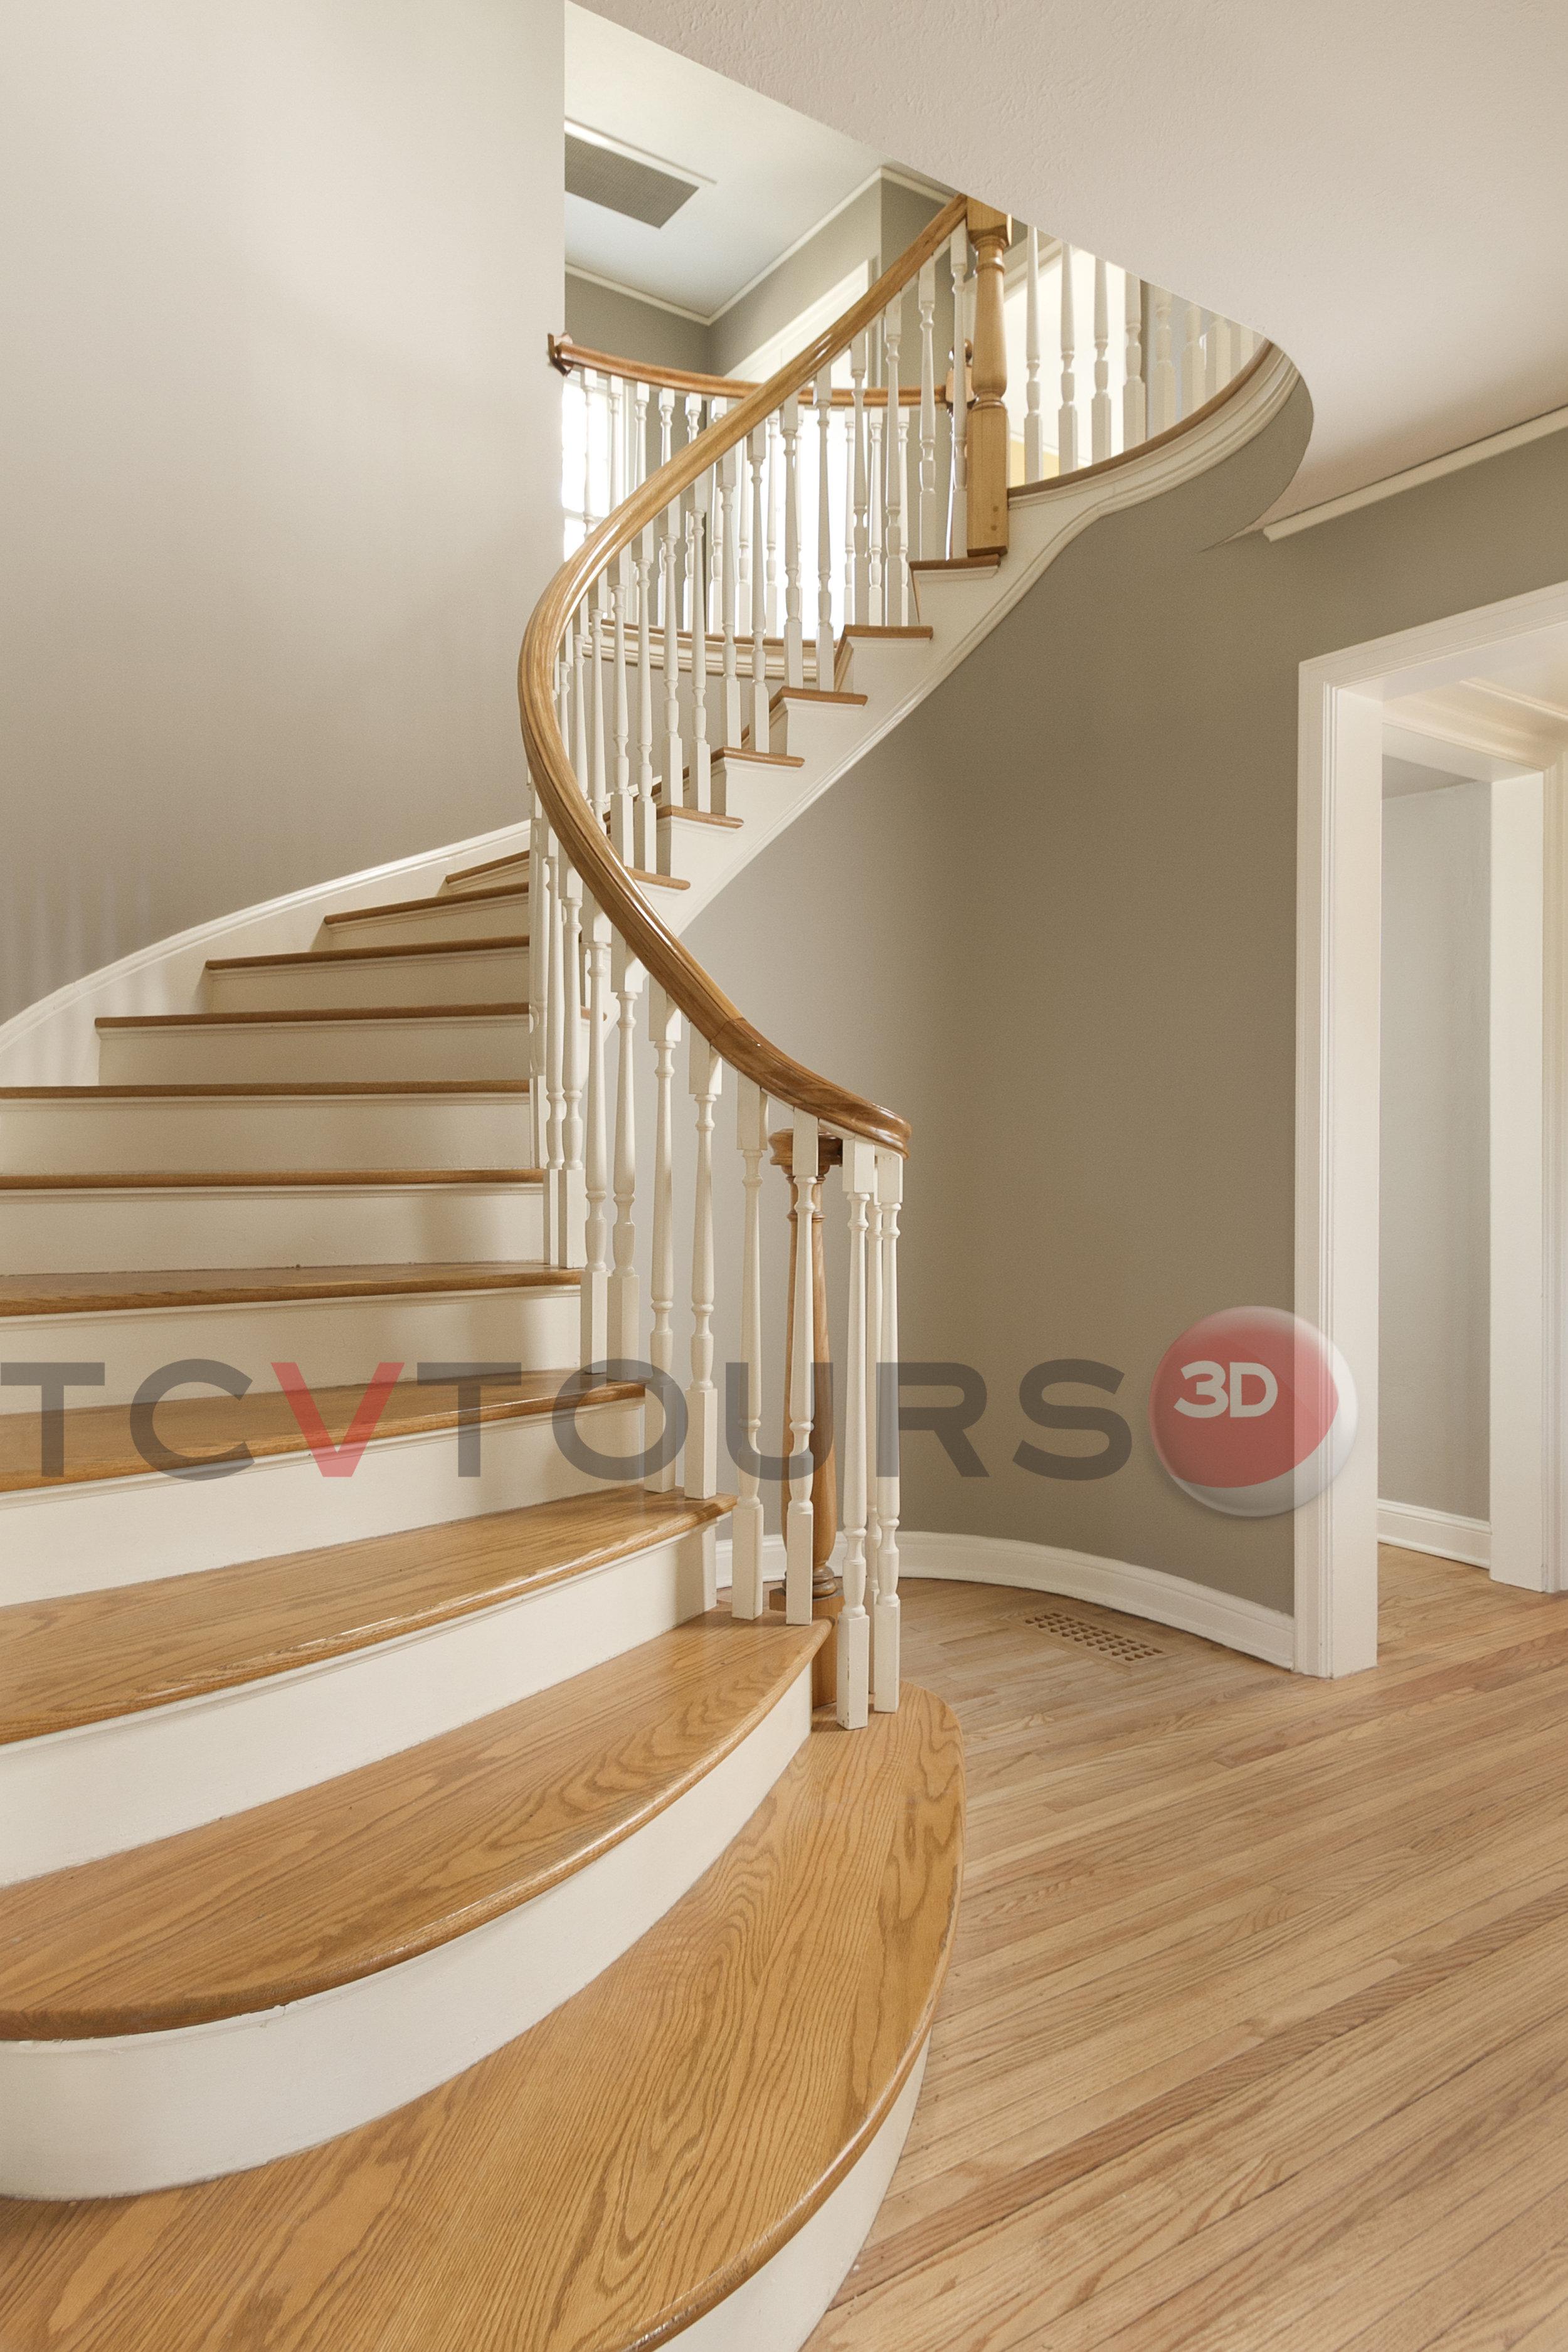 026_staircase 6 H20.jpg